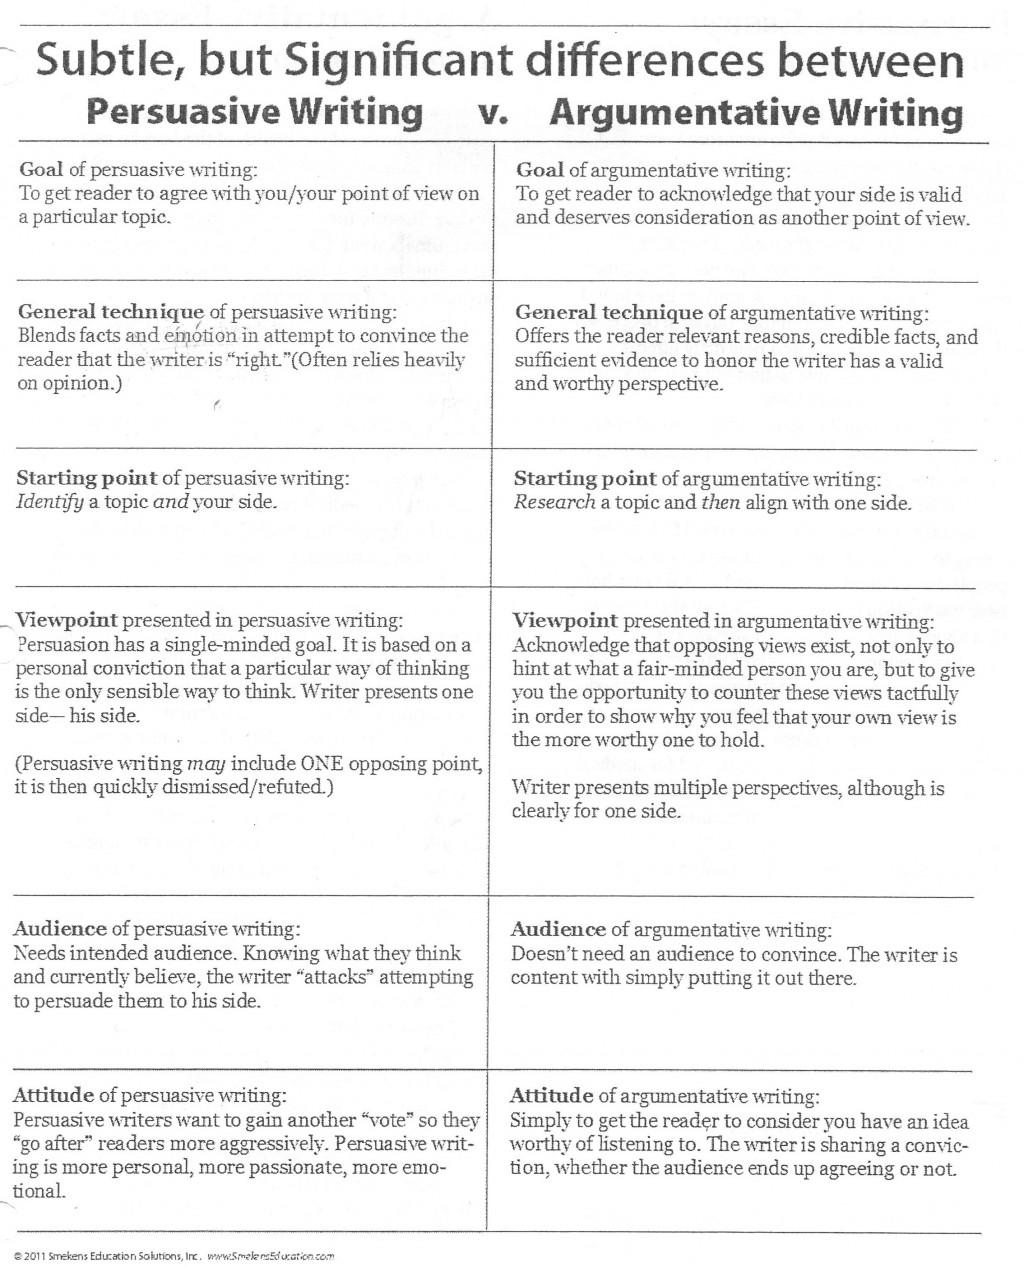 022 Essay Example 6th Grade Argumentative Examples Persuasive20vs Shocking Persuasive Large